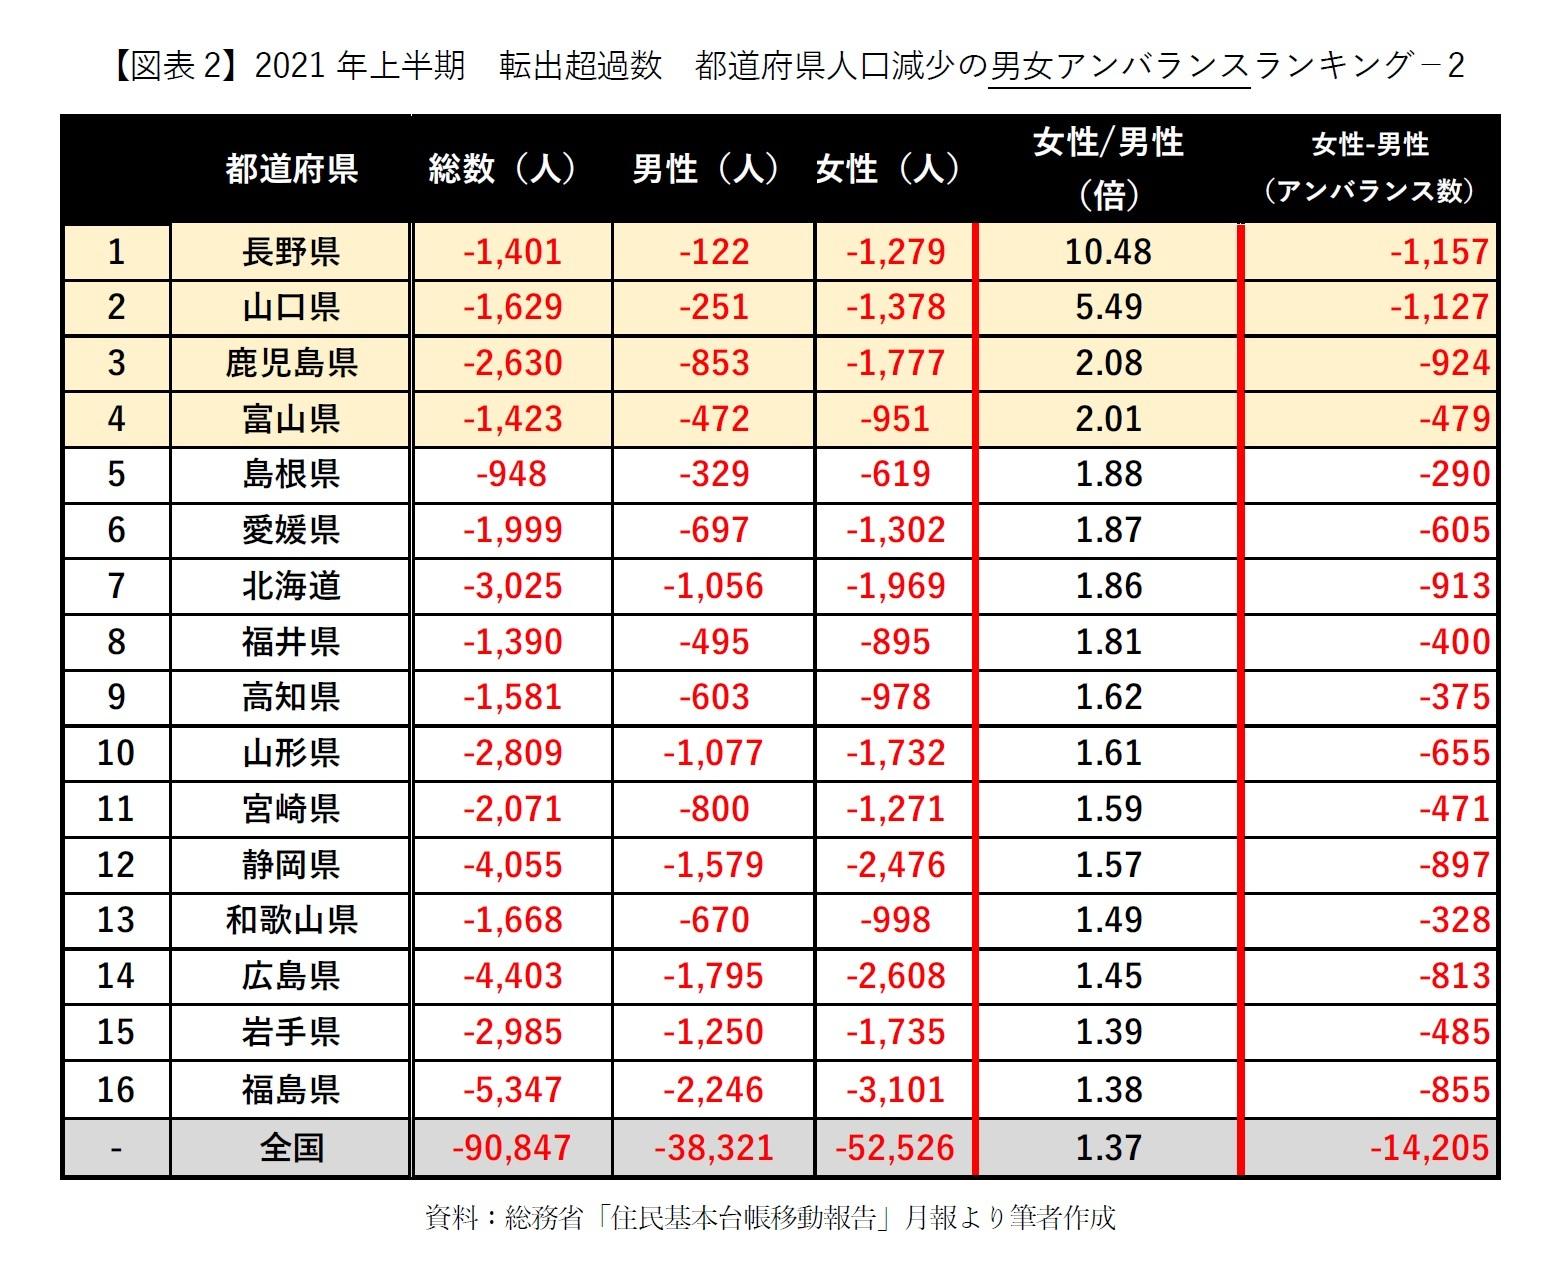 【図表2】2021年上半期 転出超過数 都道府県人口減少の男女アンバランスランキング-2